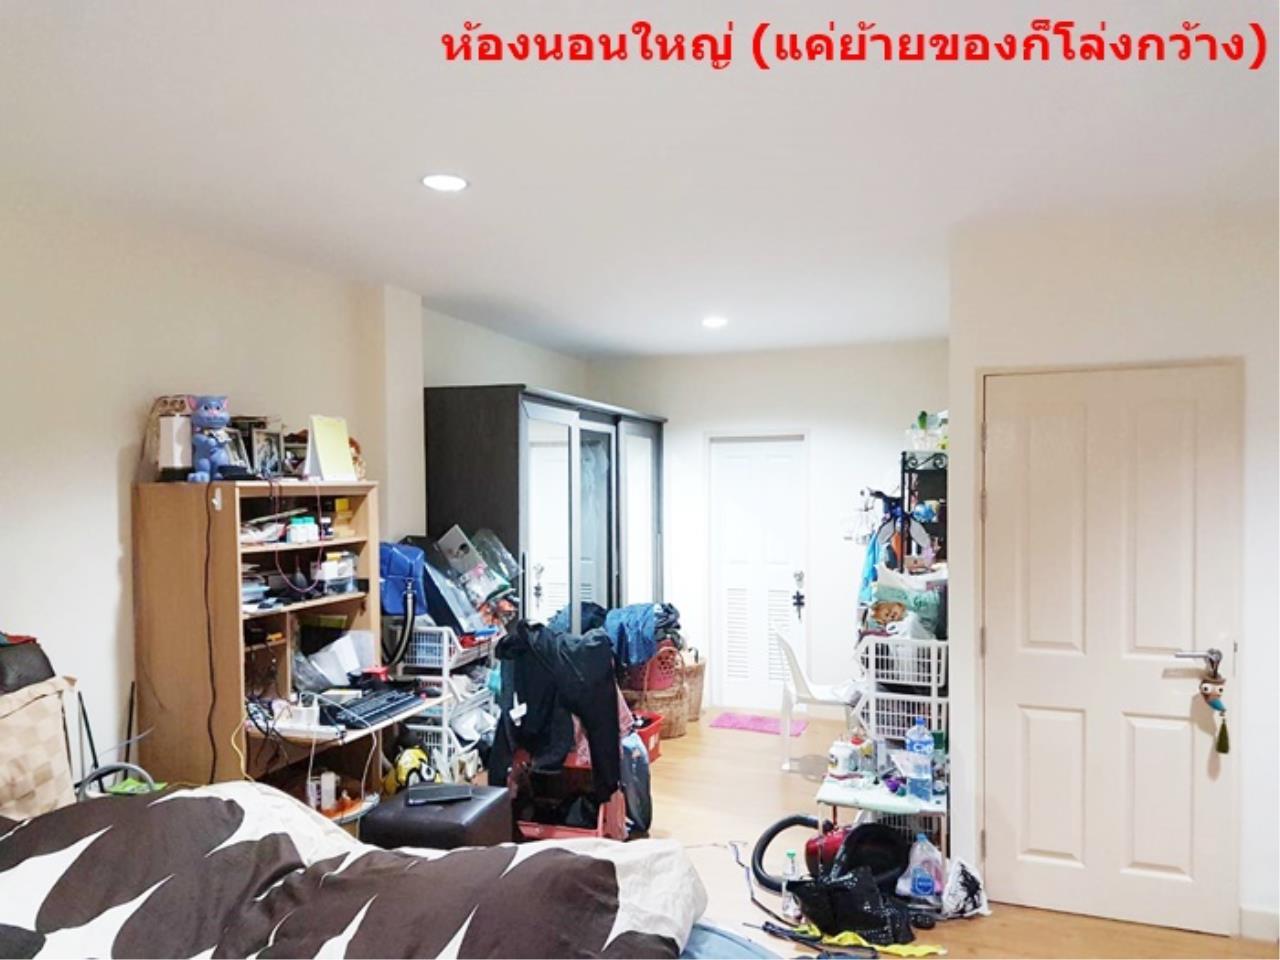 ขายบ้าน ประเวศ ประเวศ กรุงเทพมหานคร, ภาพที่ 5